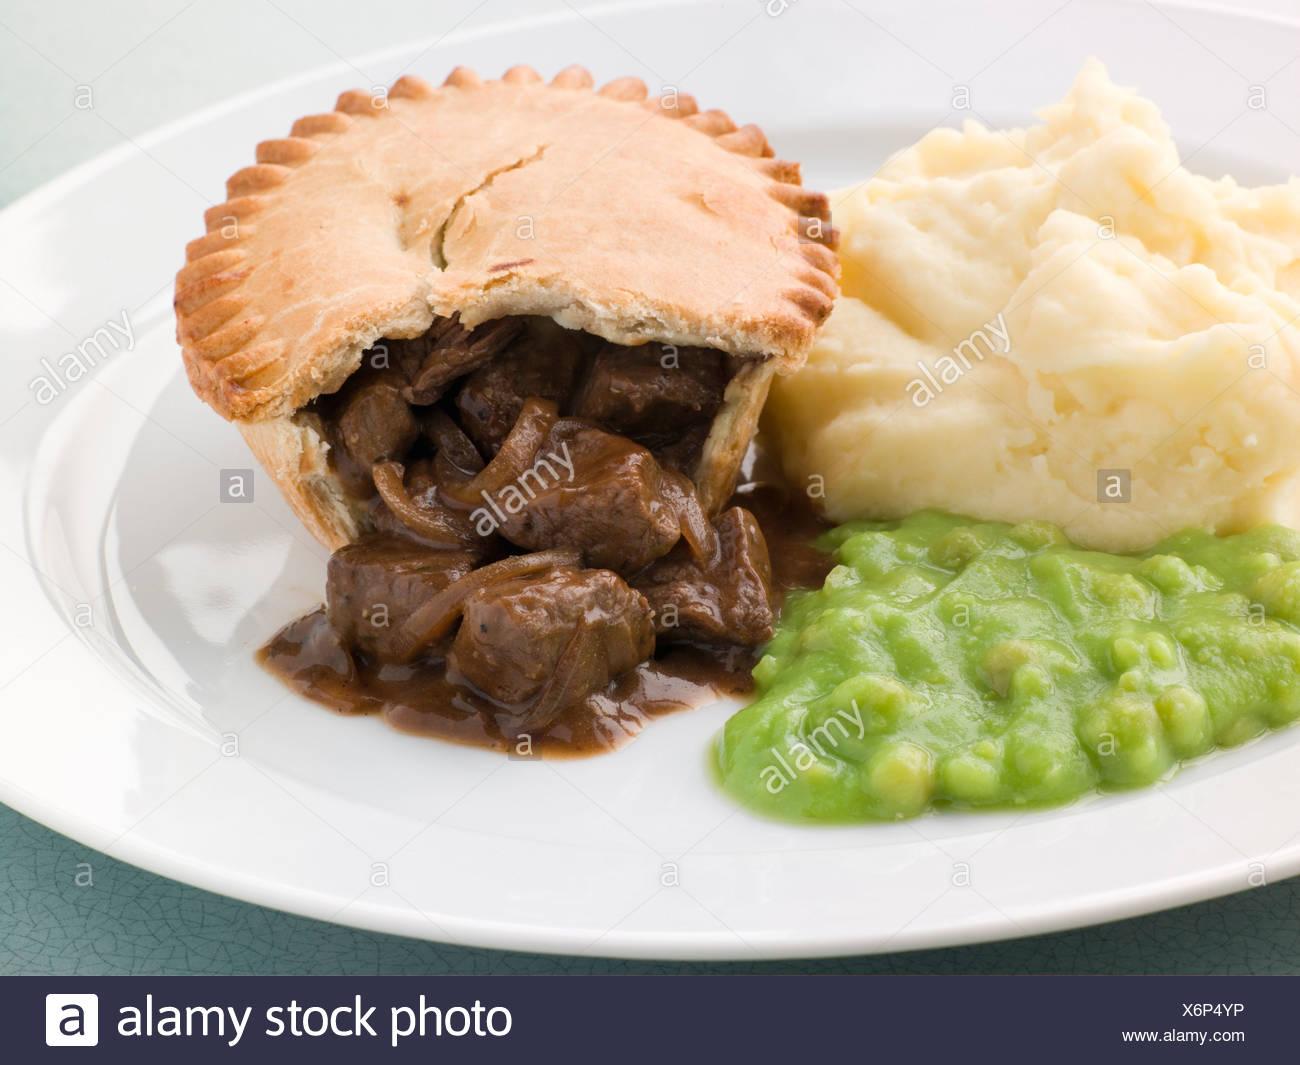 Steak Pie Mash and Mushy Peas Stock Photo: 279540682 - Alamy